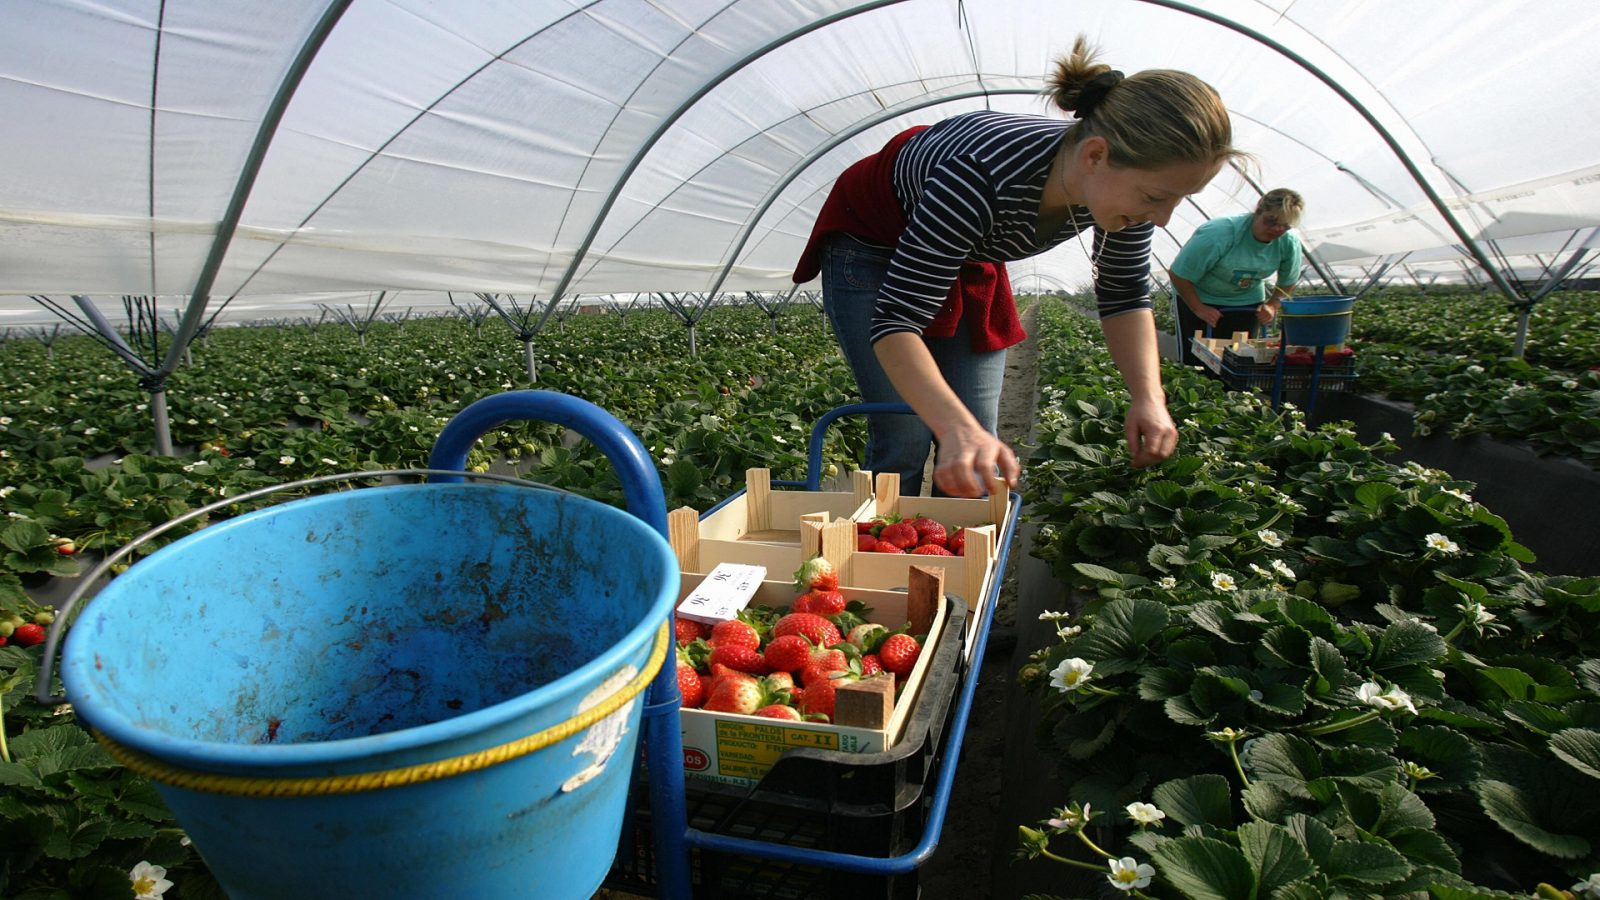 المغرب و إسبانيا يؤكدان على تطوير تجربة العمل في حقول الفواكه الحمراء